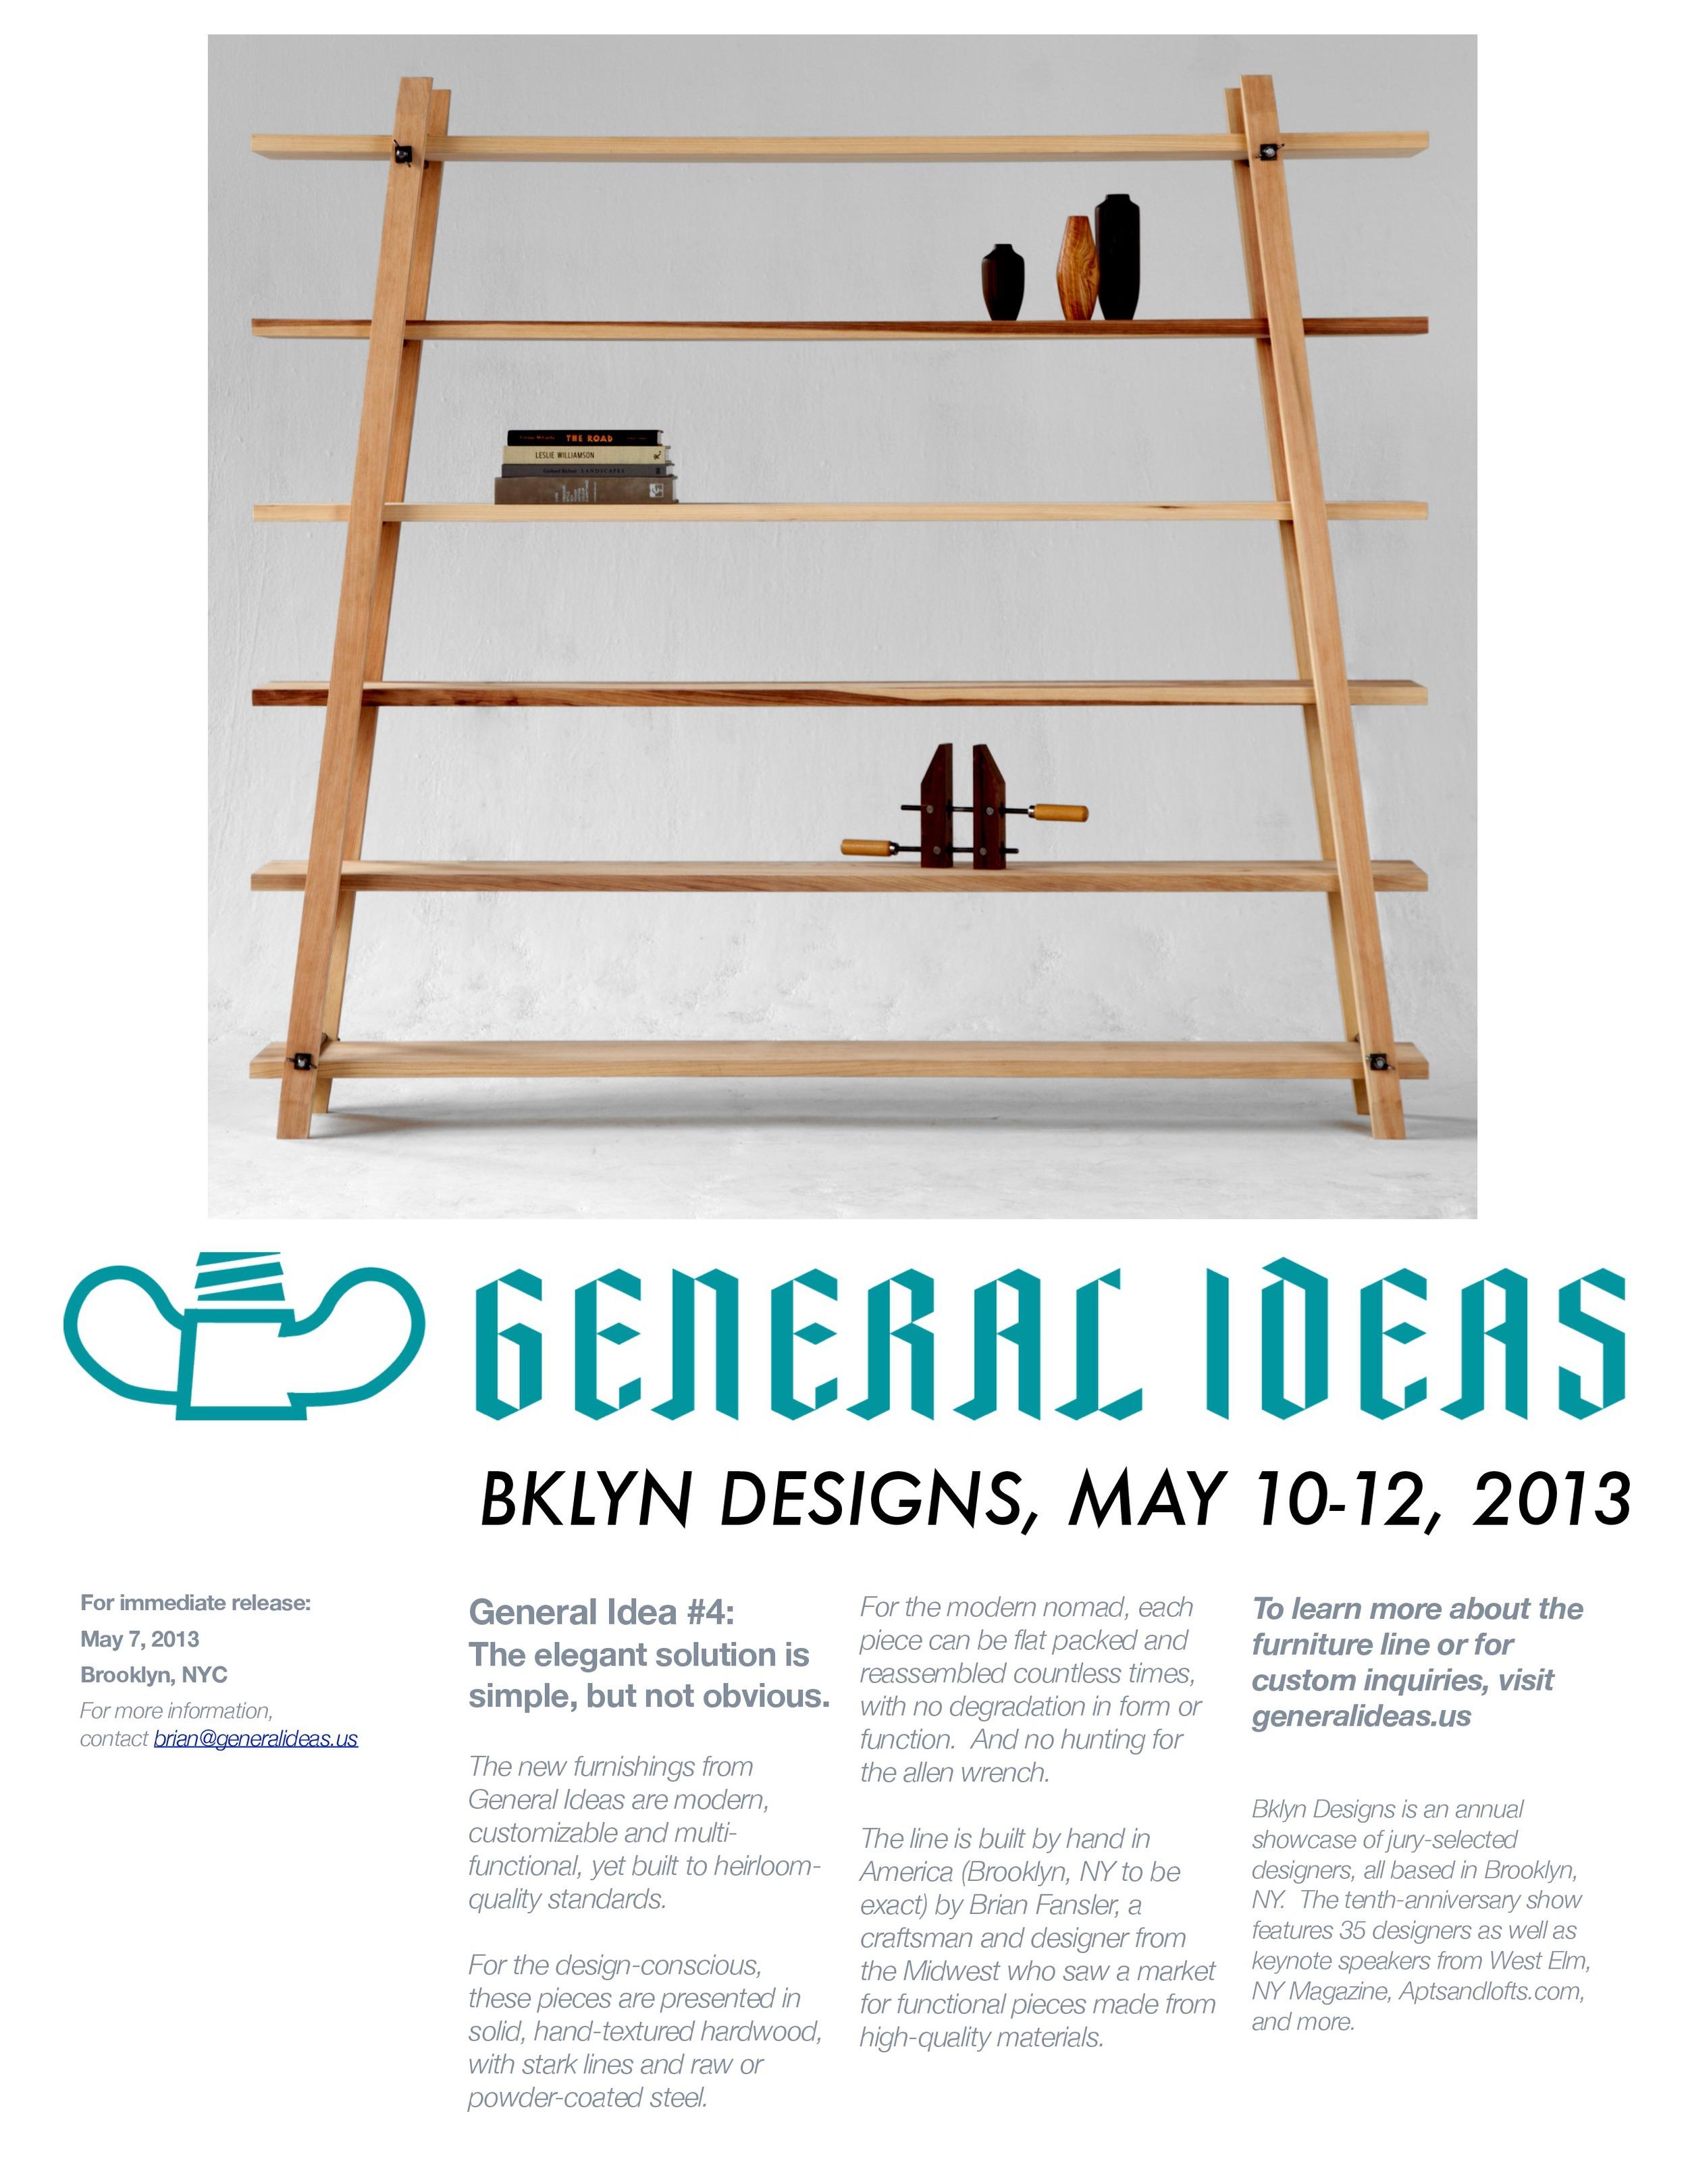 General Ideas Press Release 5:13.jpg